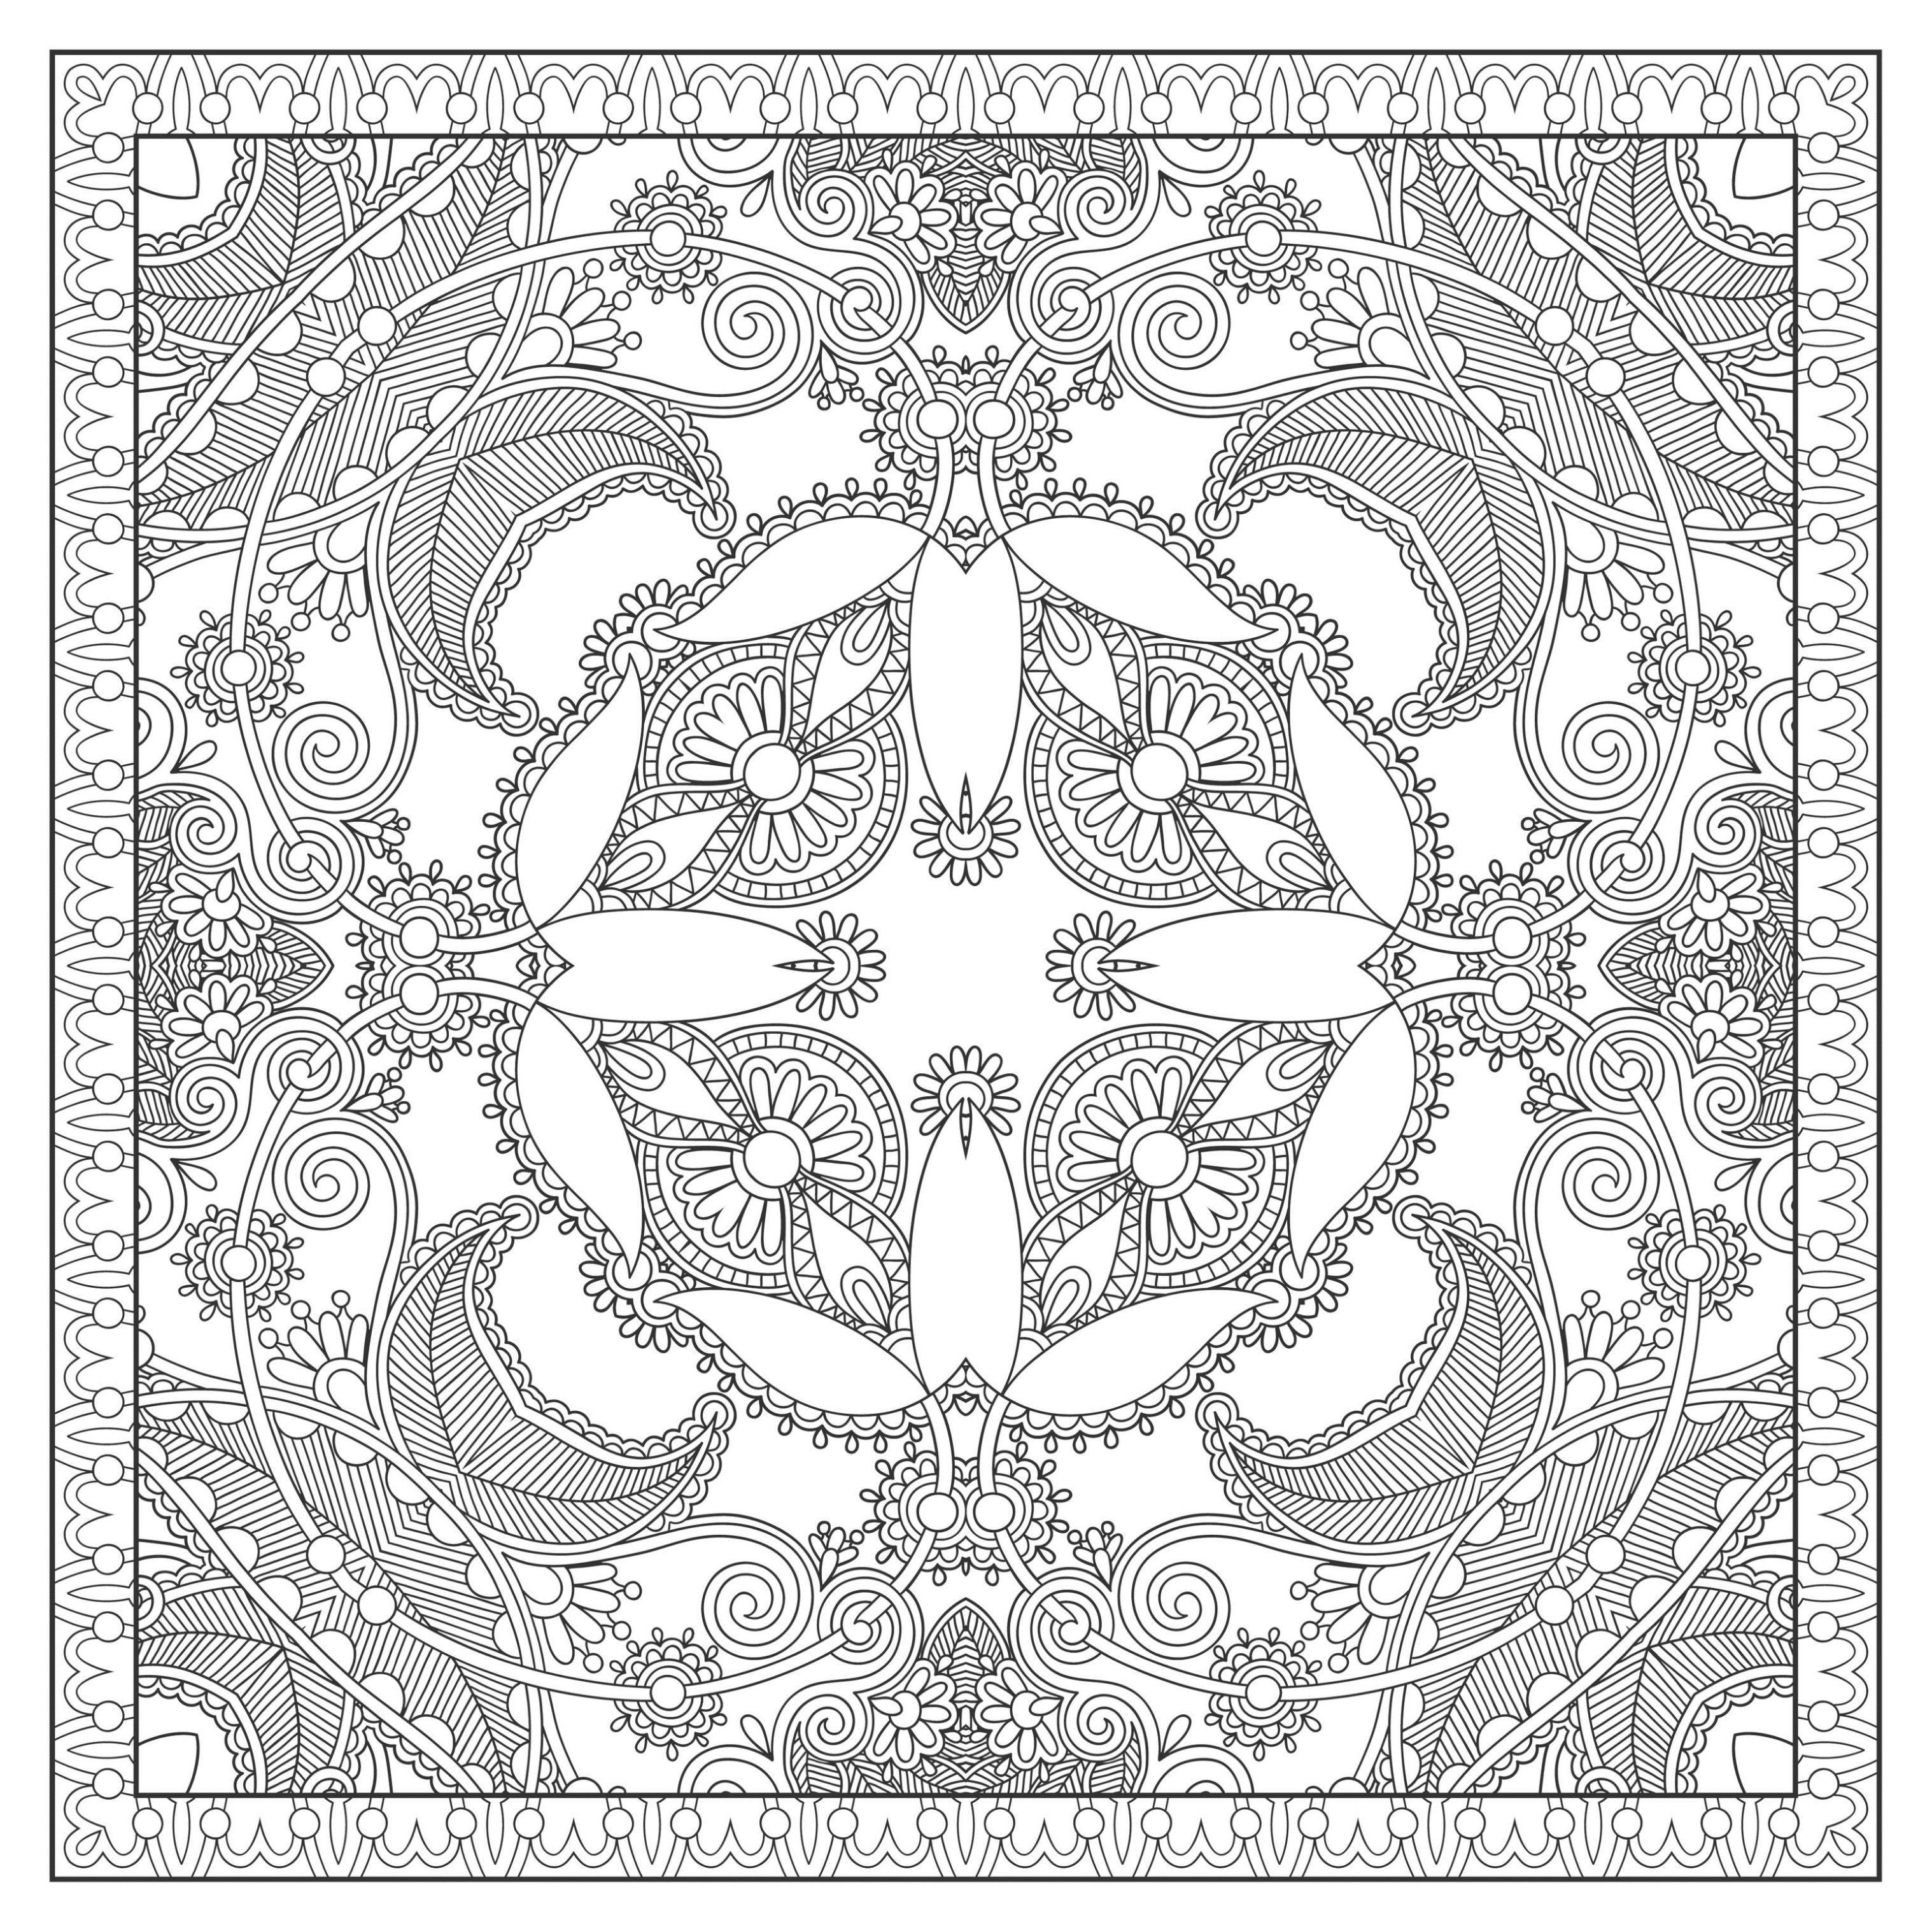 Alors l nous entrons dans la catégorie des Mandalas  colorier tr¨s tr¨s difficiles Ces coloriages nécessitent beaucoup de patience de minutie